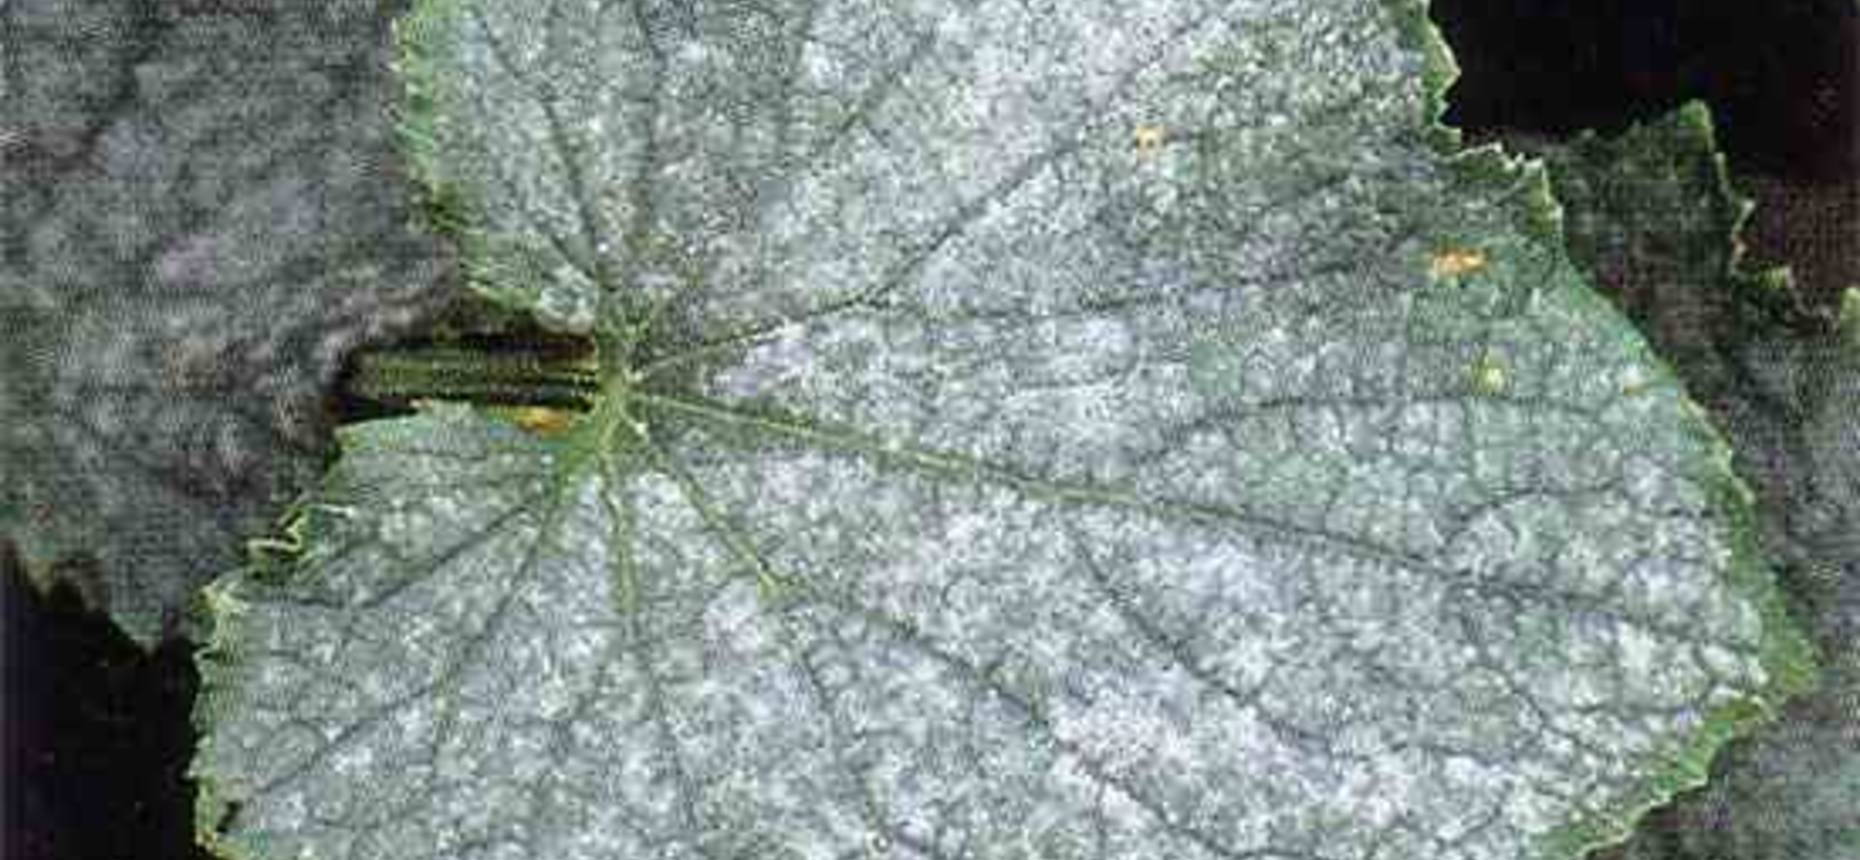 Мучнистая роса тыквенных культур - Erysiple cichoracearum DC.f. cucurbitacearum Pot., Sphaerotheca fuliginea Poll. f. cucurbitae Jacz.